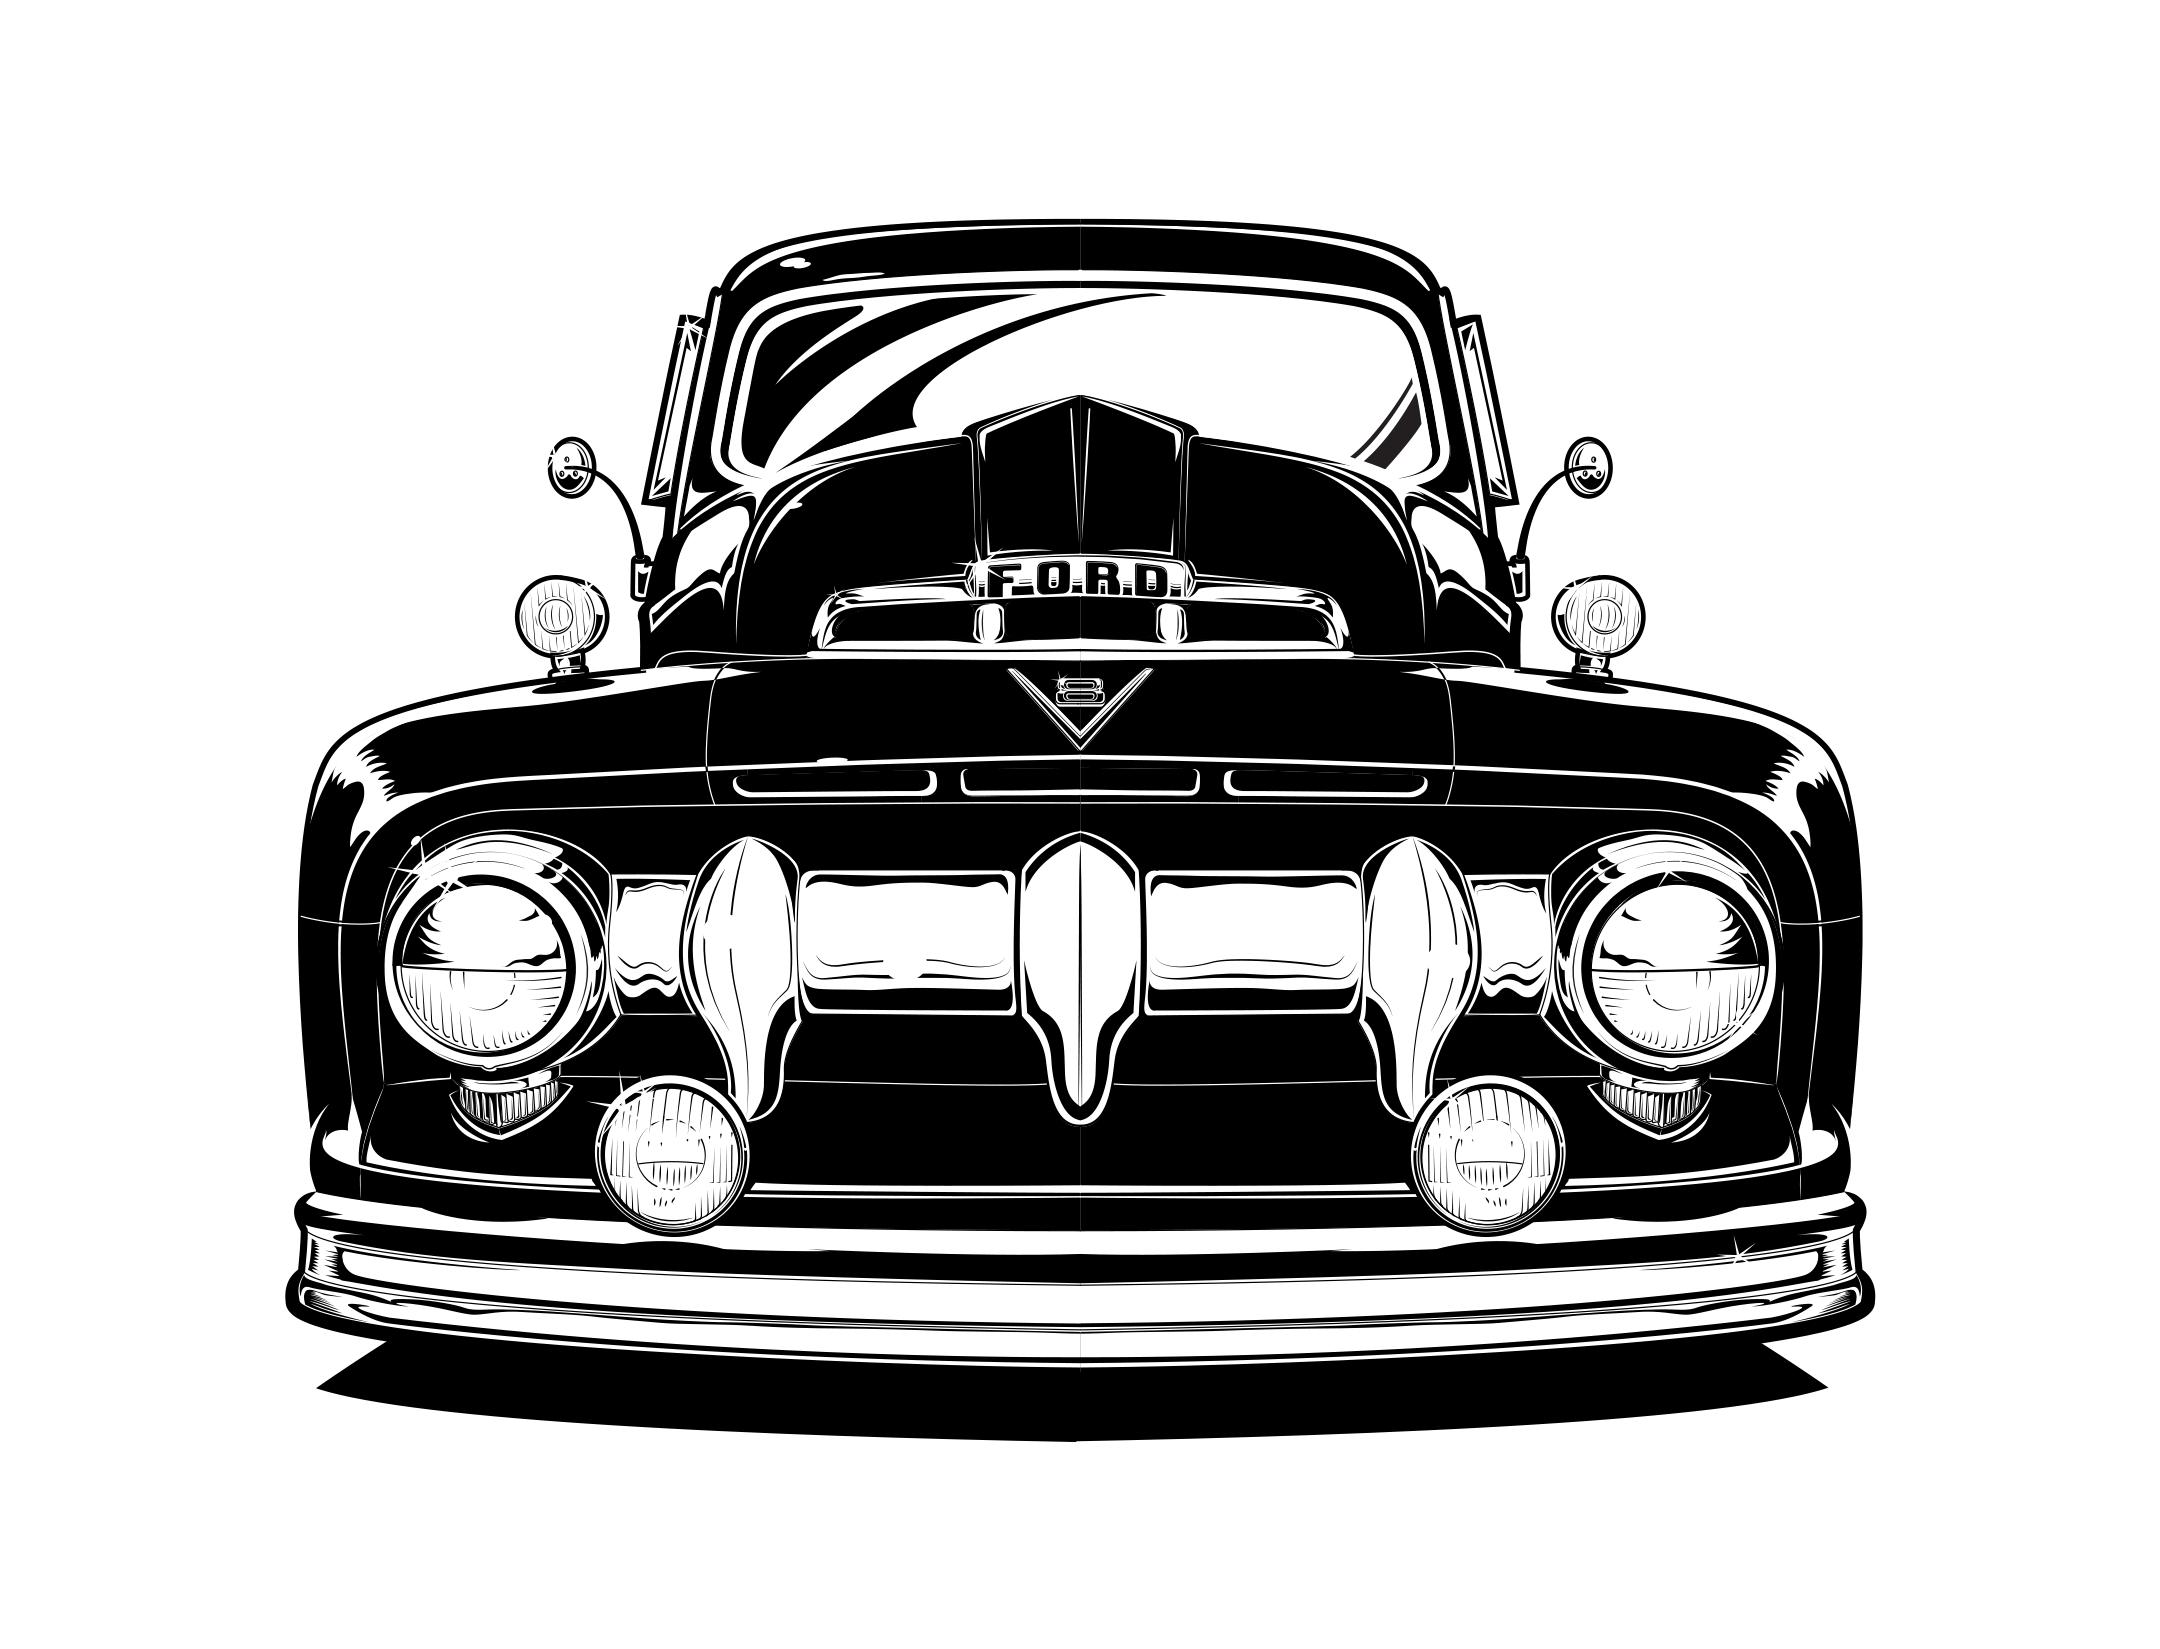 Line Art Vector Illustrator : Stylized vector art technical illustrator